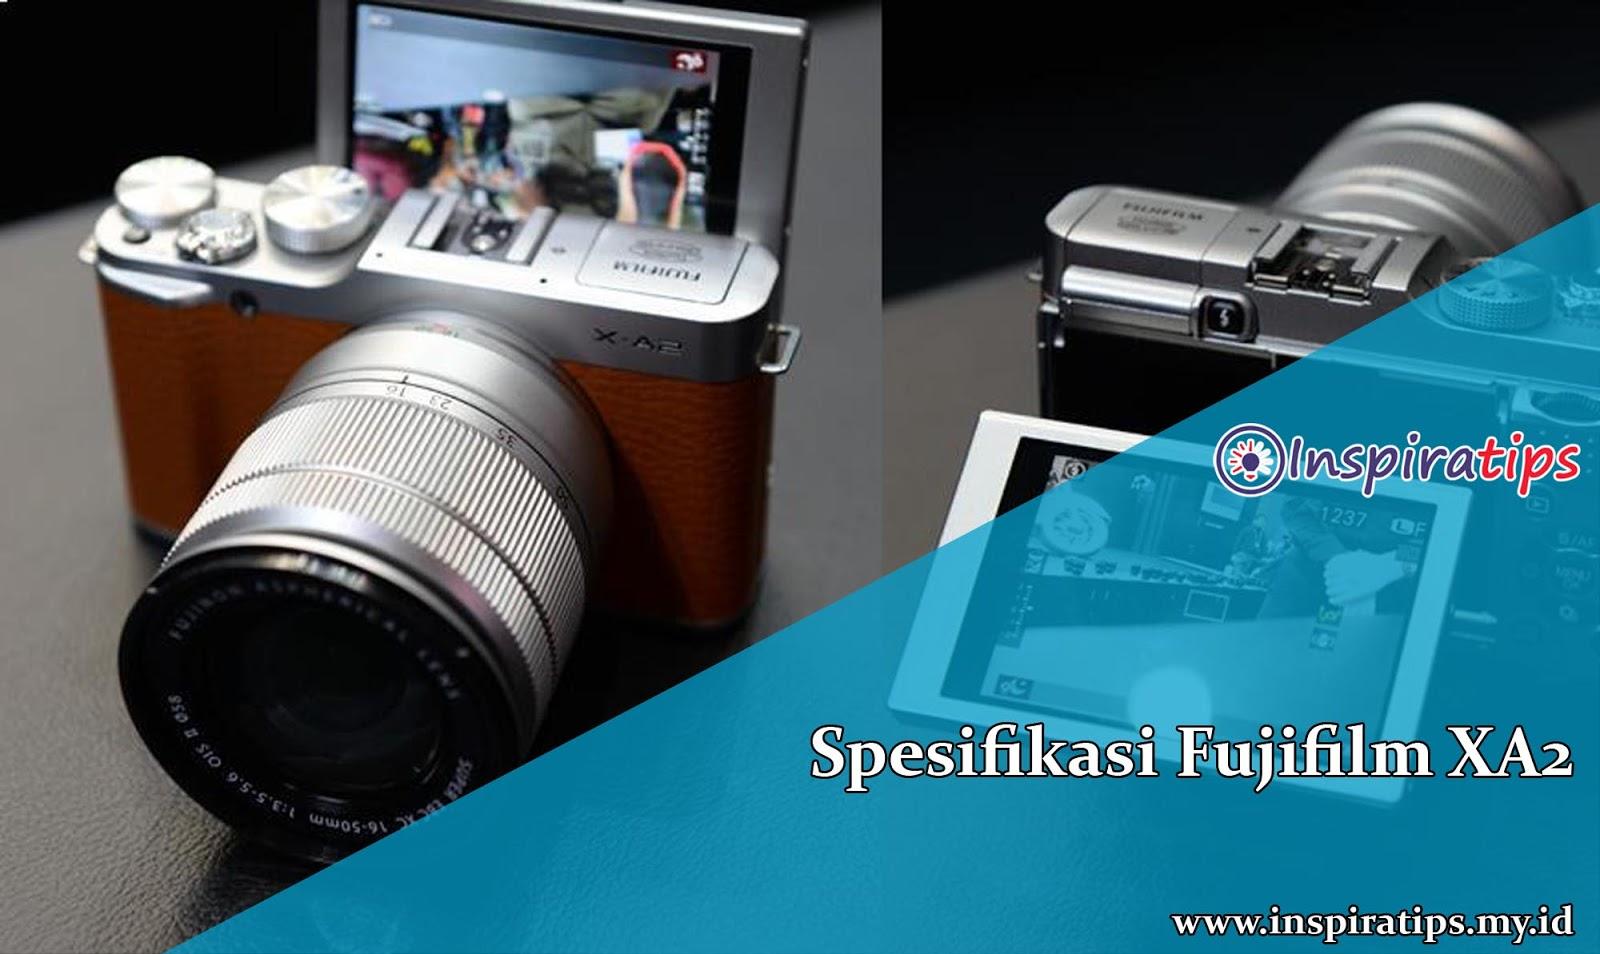 Spesifikasi Fujifilm XA2